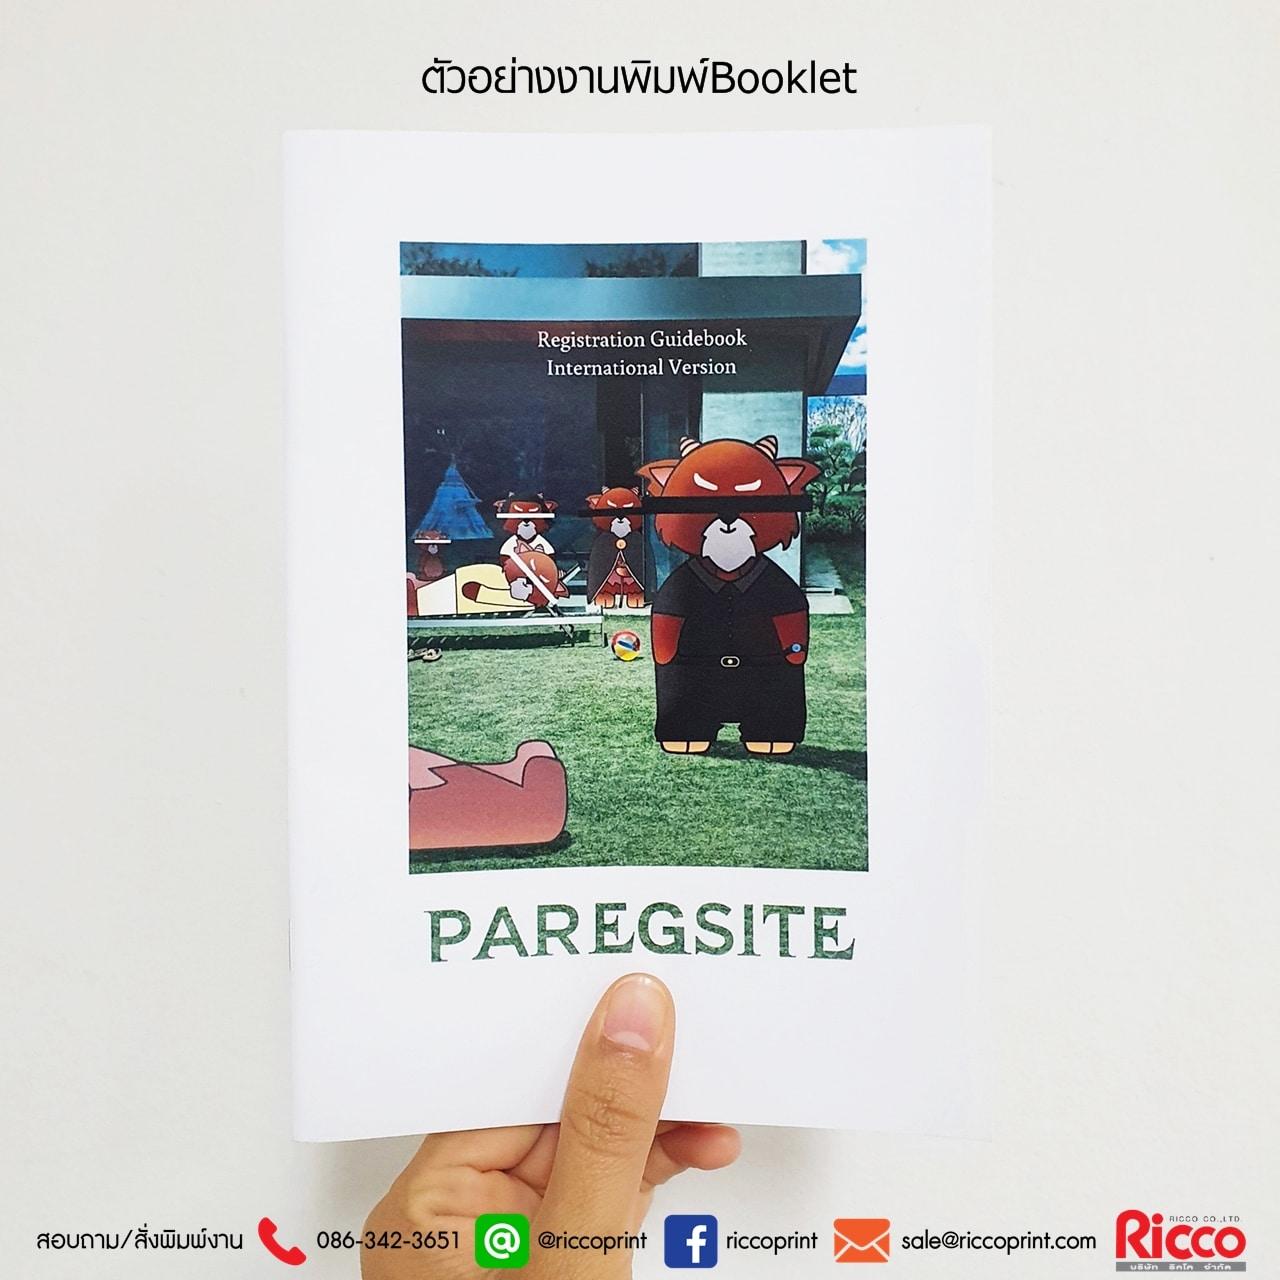 รูป Booklet 2020 02 - ประกอบเนื้อหา หนังสือ คู่มือ Booklet